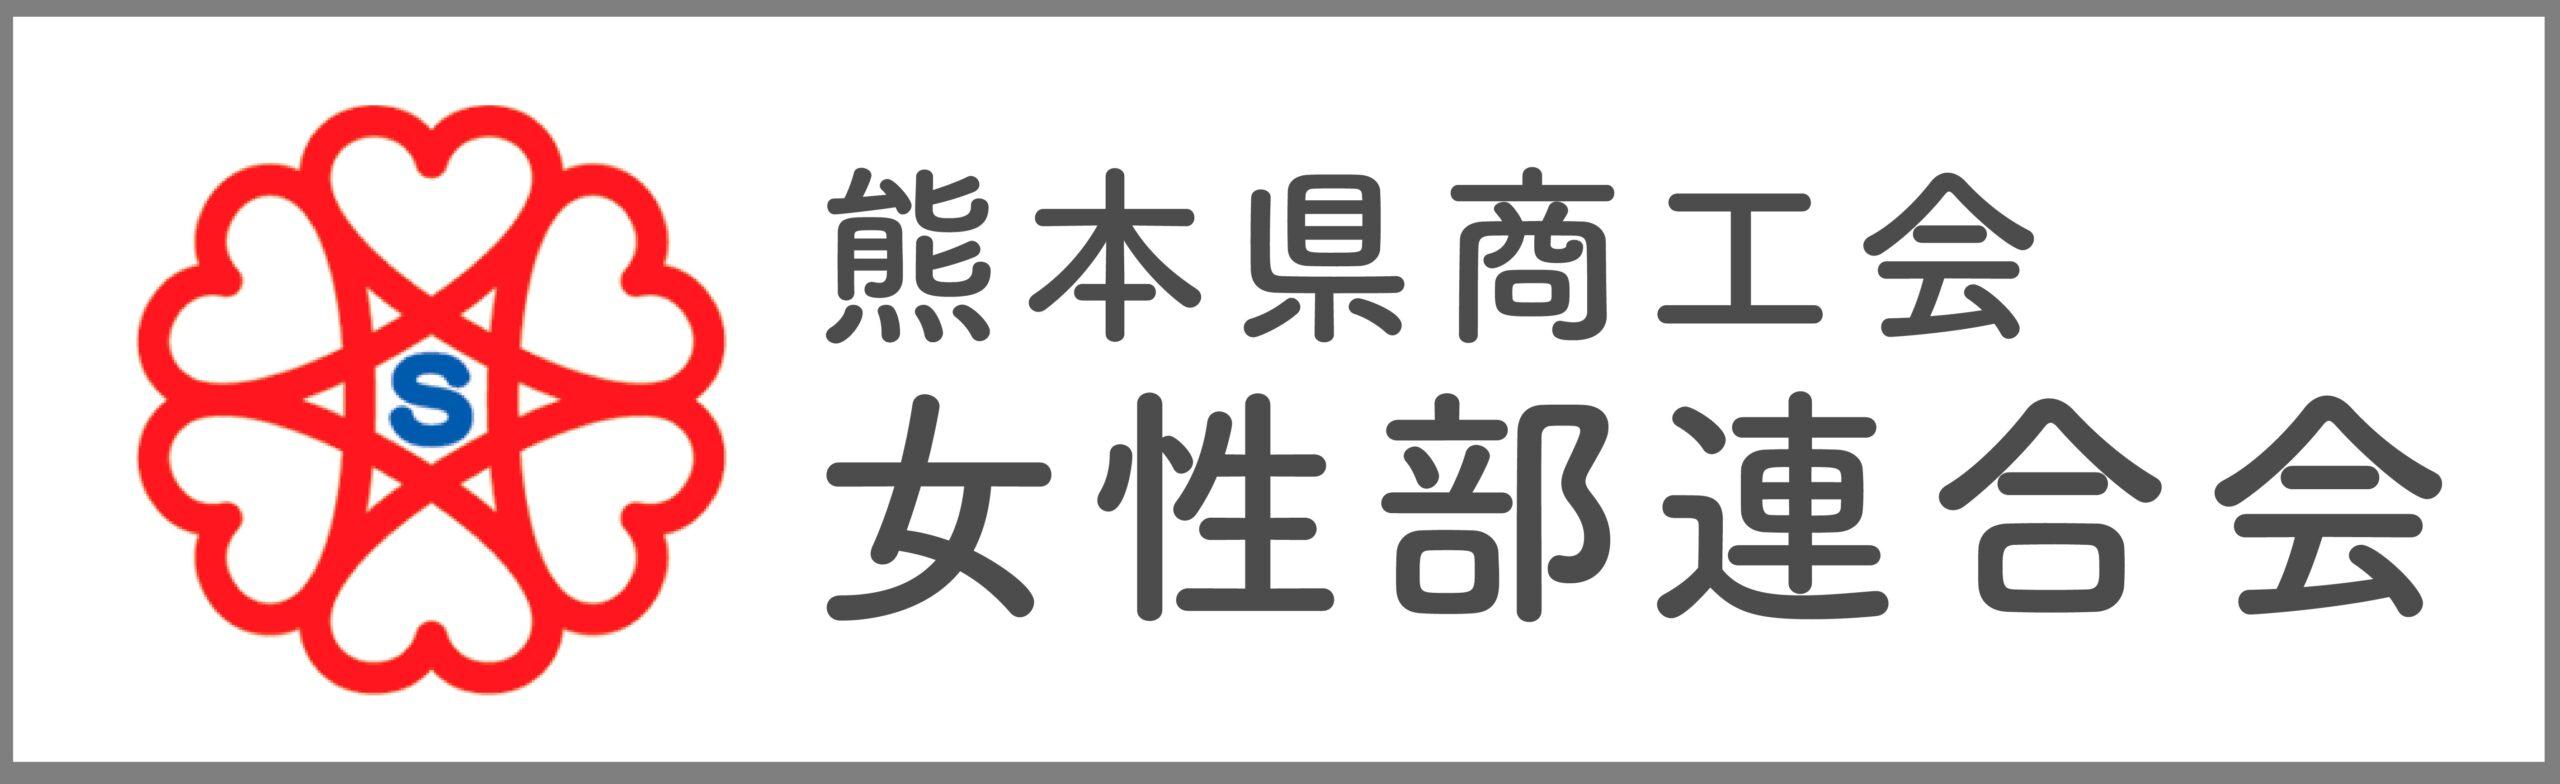 熊本県商工会女性部連合会ホームページ